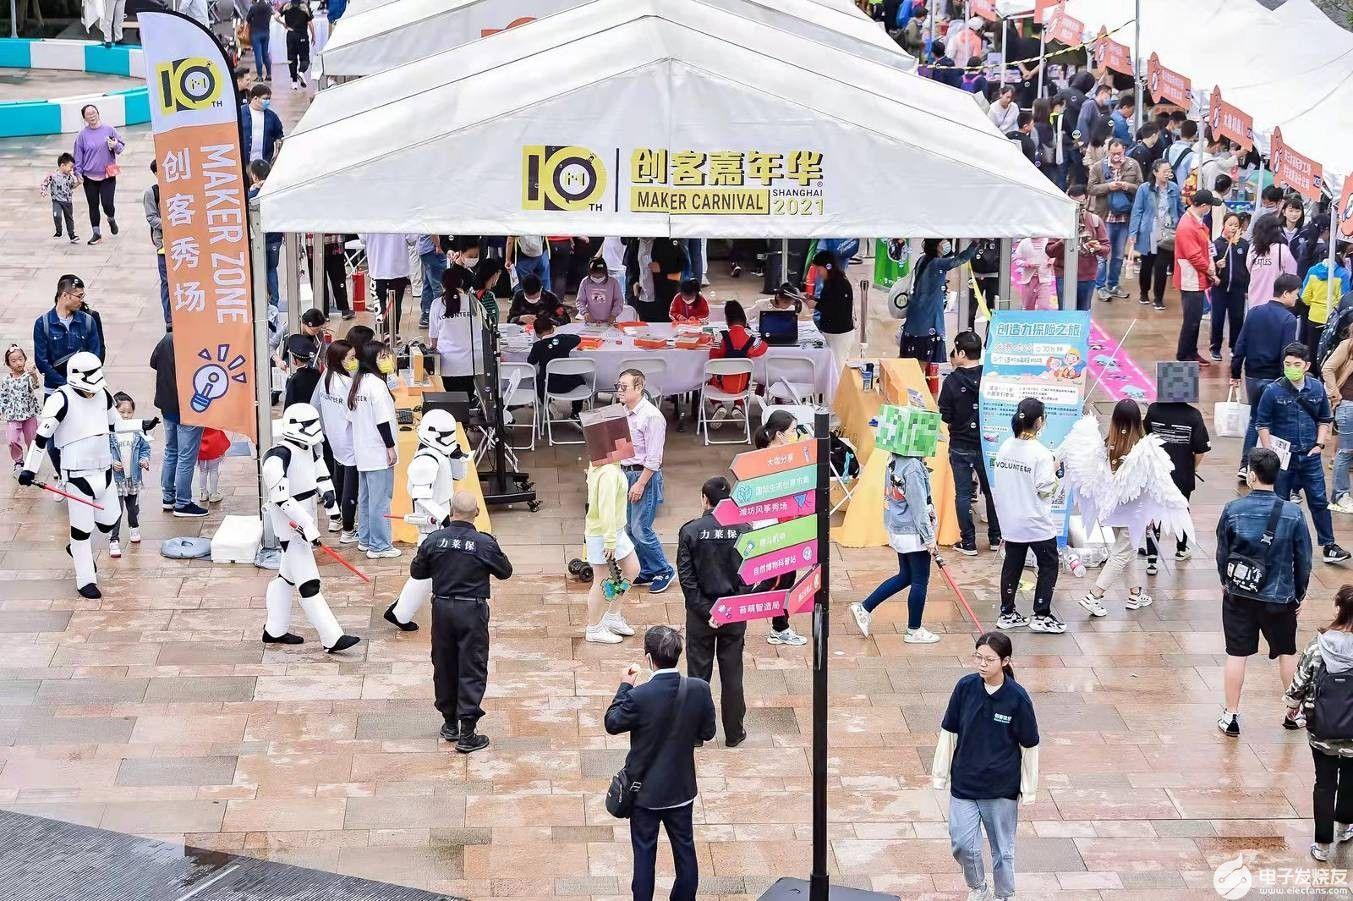 """第十届上海创客嘉年华""""圆满收官全民参与的科技趣味乐园引爆魔都"""